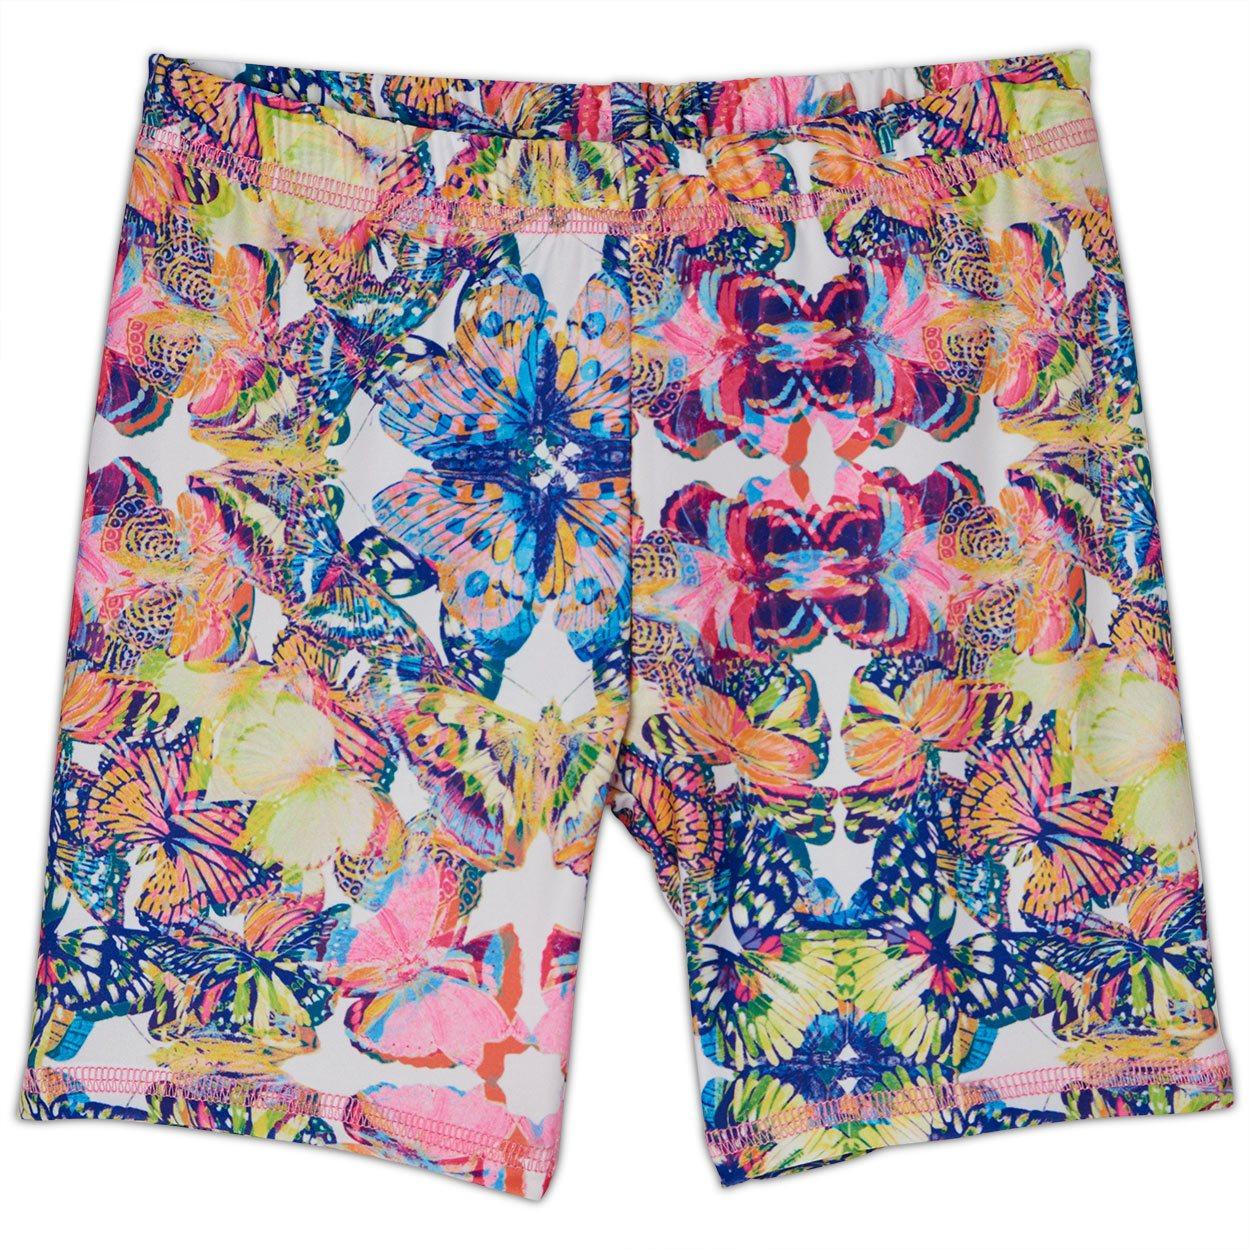 Butterflies Hybrid Shorts UPF 50+